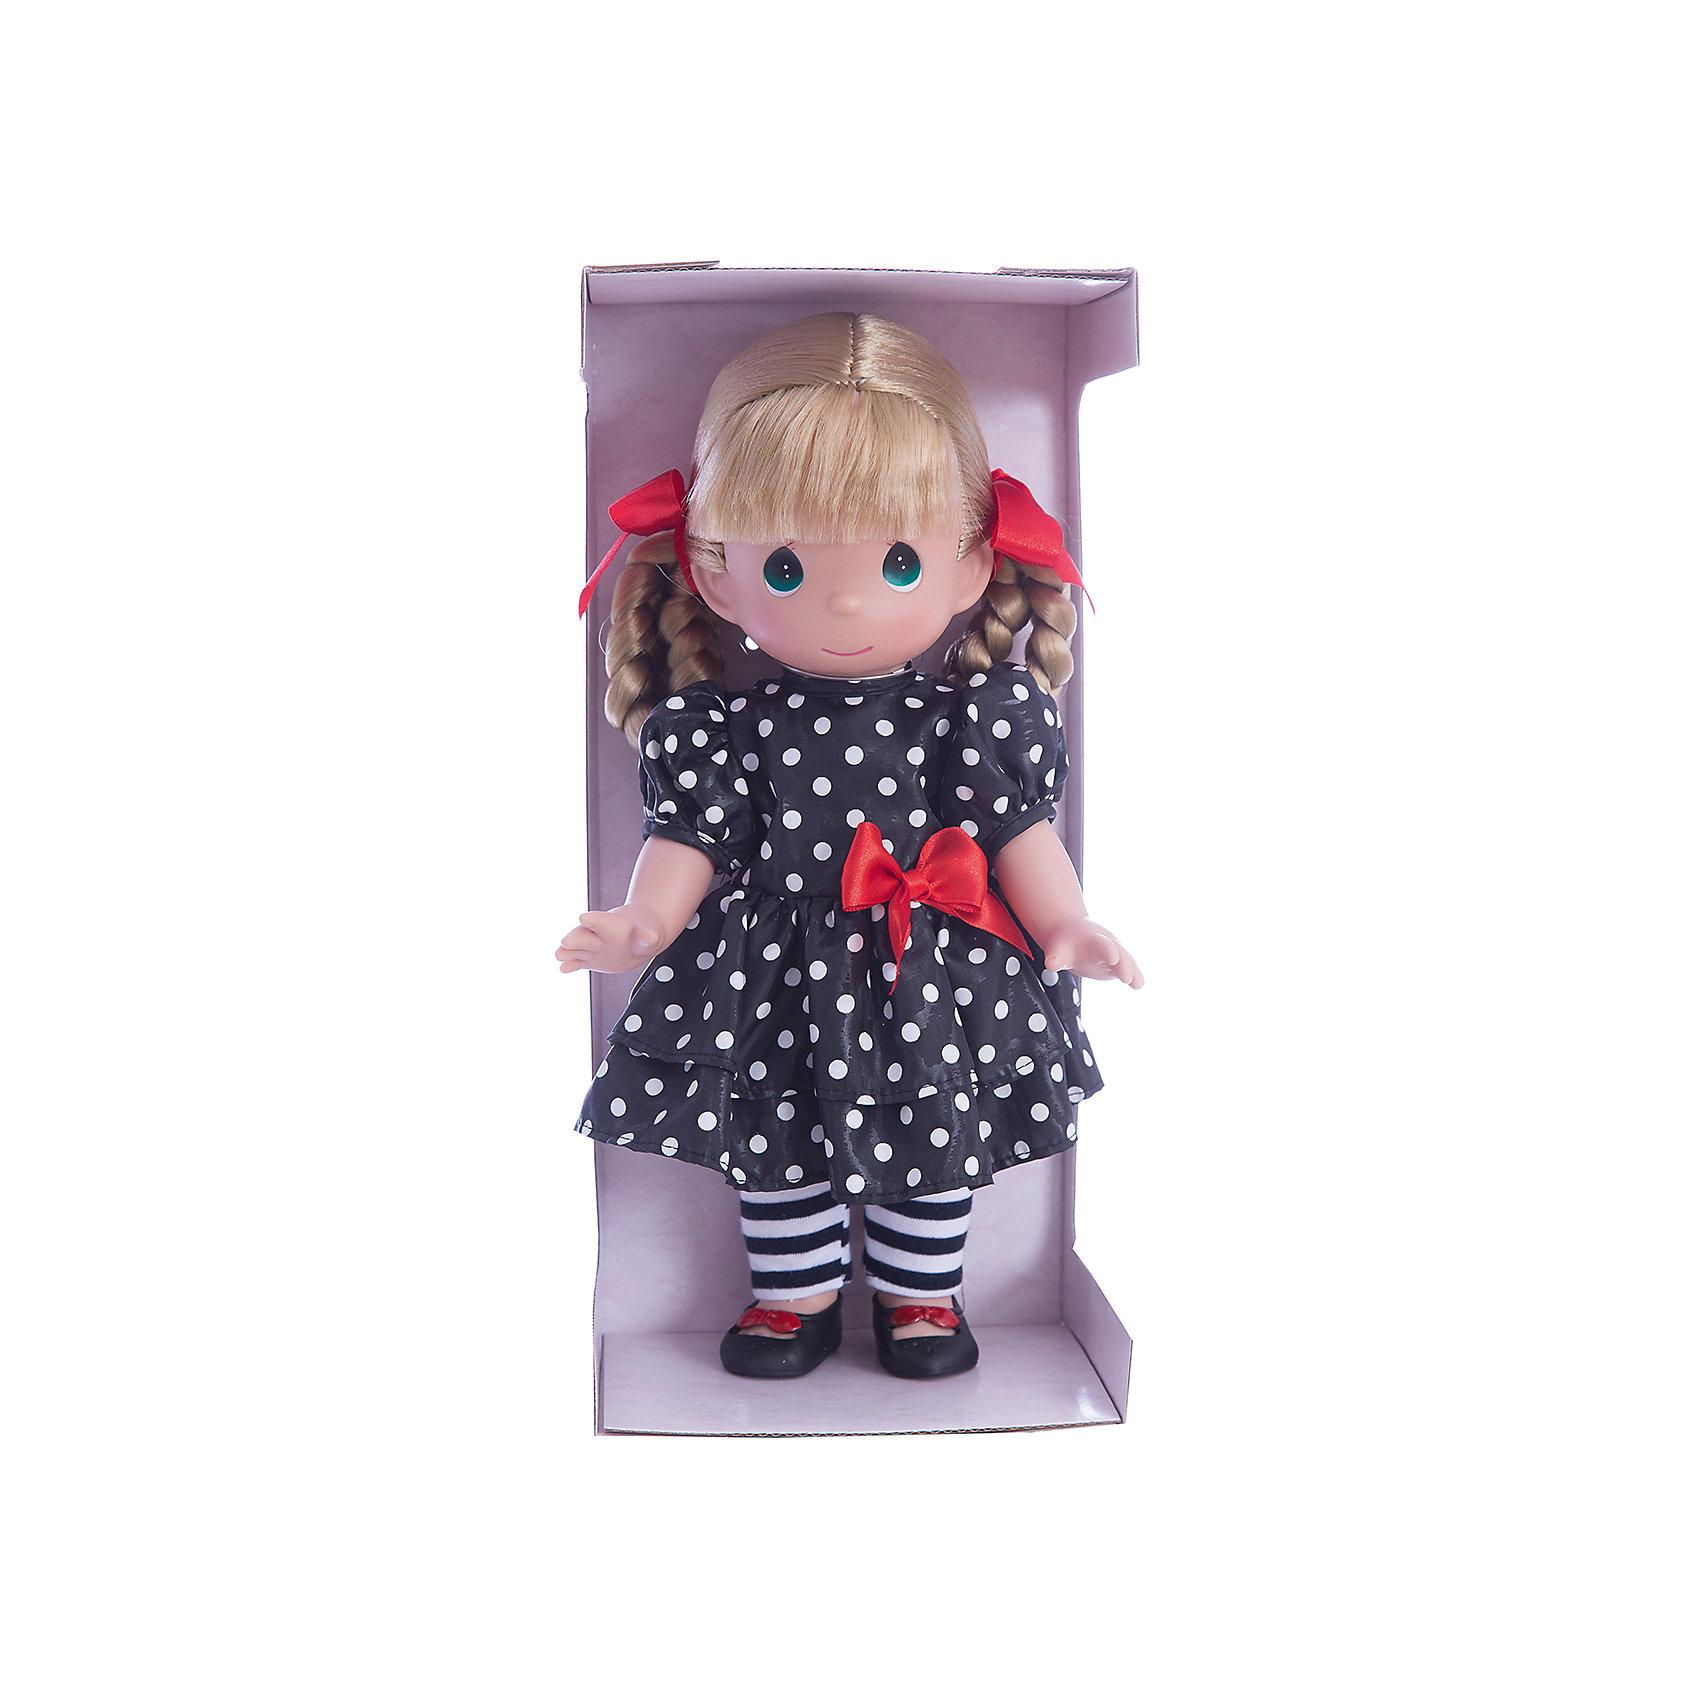 Кукла Мода навсегда, 30 см, Precious MomentsКлассические куклы<br>Характеристики товара:<br><br>• возраст: от 5 лет;<br>• материал: винил, текстиль;<br>• высота куклы: 30 см;<br>• размер упаковки: 30х18х12 см;<br>• вес упаковки: 470 гр.;<br>• страна производитель: Филиппины.<br><br>Кукла «Мода навсегда» Precious Moments — коллекционная кукла с выразительными карими глазками и светлыми волосами, заплетенными в косички. Куколка одета в черное платье в белый горошек и полосатые колготки. У куклы имеются подвижные детали. Она выполнена из качественного безопасного материала.<br><br>Куклу «Мода навсегда» Precious Moments можно приобрести в нашем интернет-магазине.<br><br>Ширина мм: 140<br>Глубина мм: 300<br>Высота мм: 80<br>Вес г: 428<br>Возраст от месяцев: 36<br>Возраст до месяцев: 2147483647<br>Пол: Женский<br>Возраст: Детский<br>SKU: 5482508